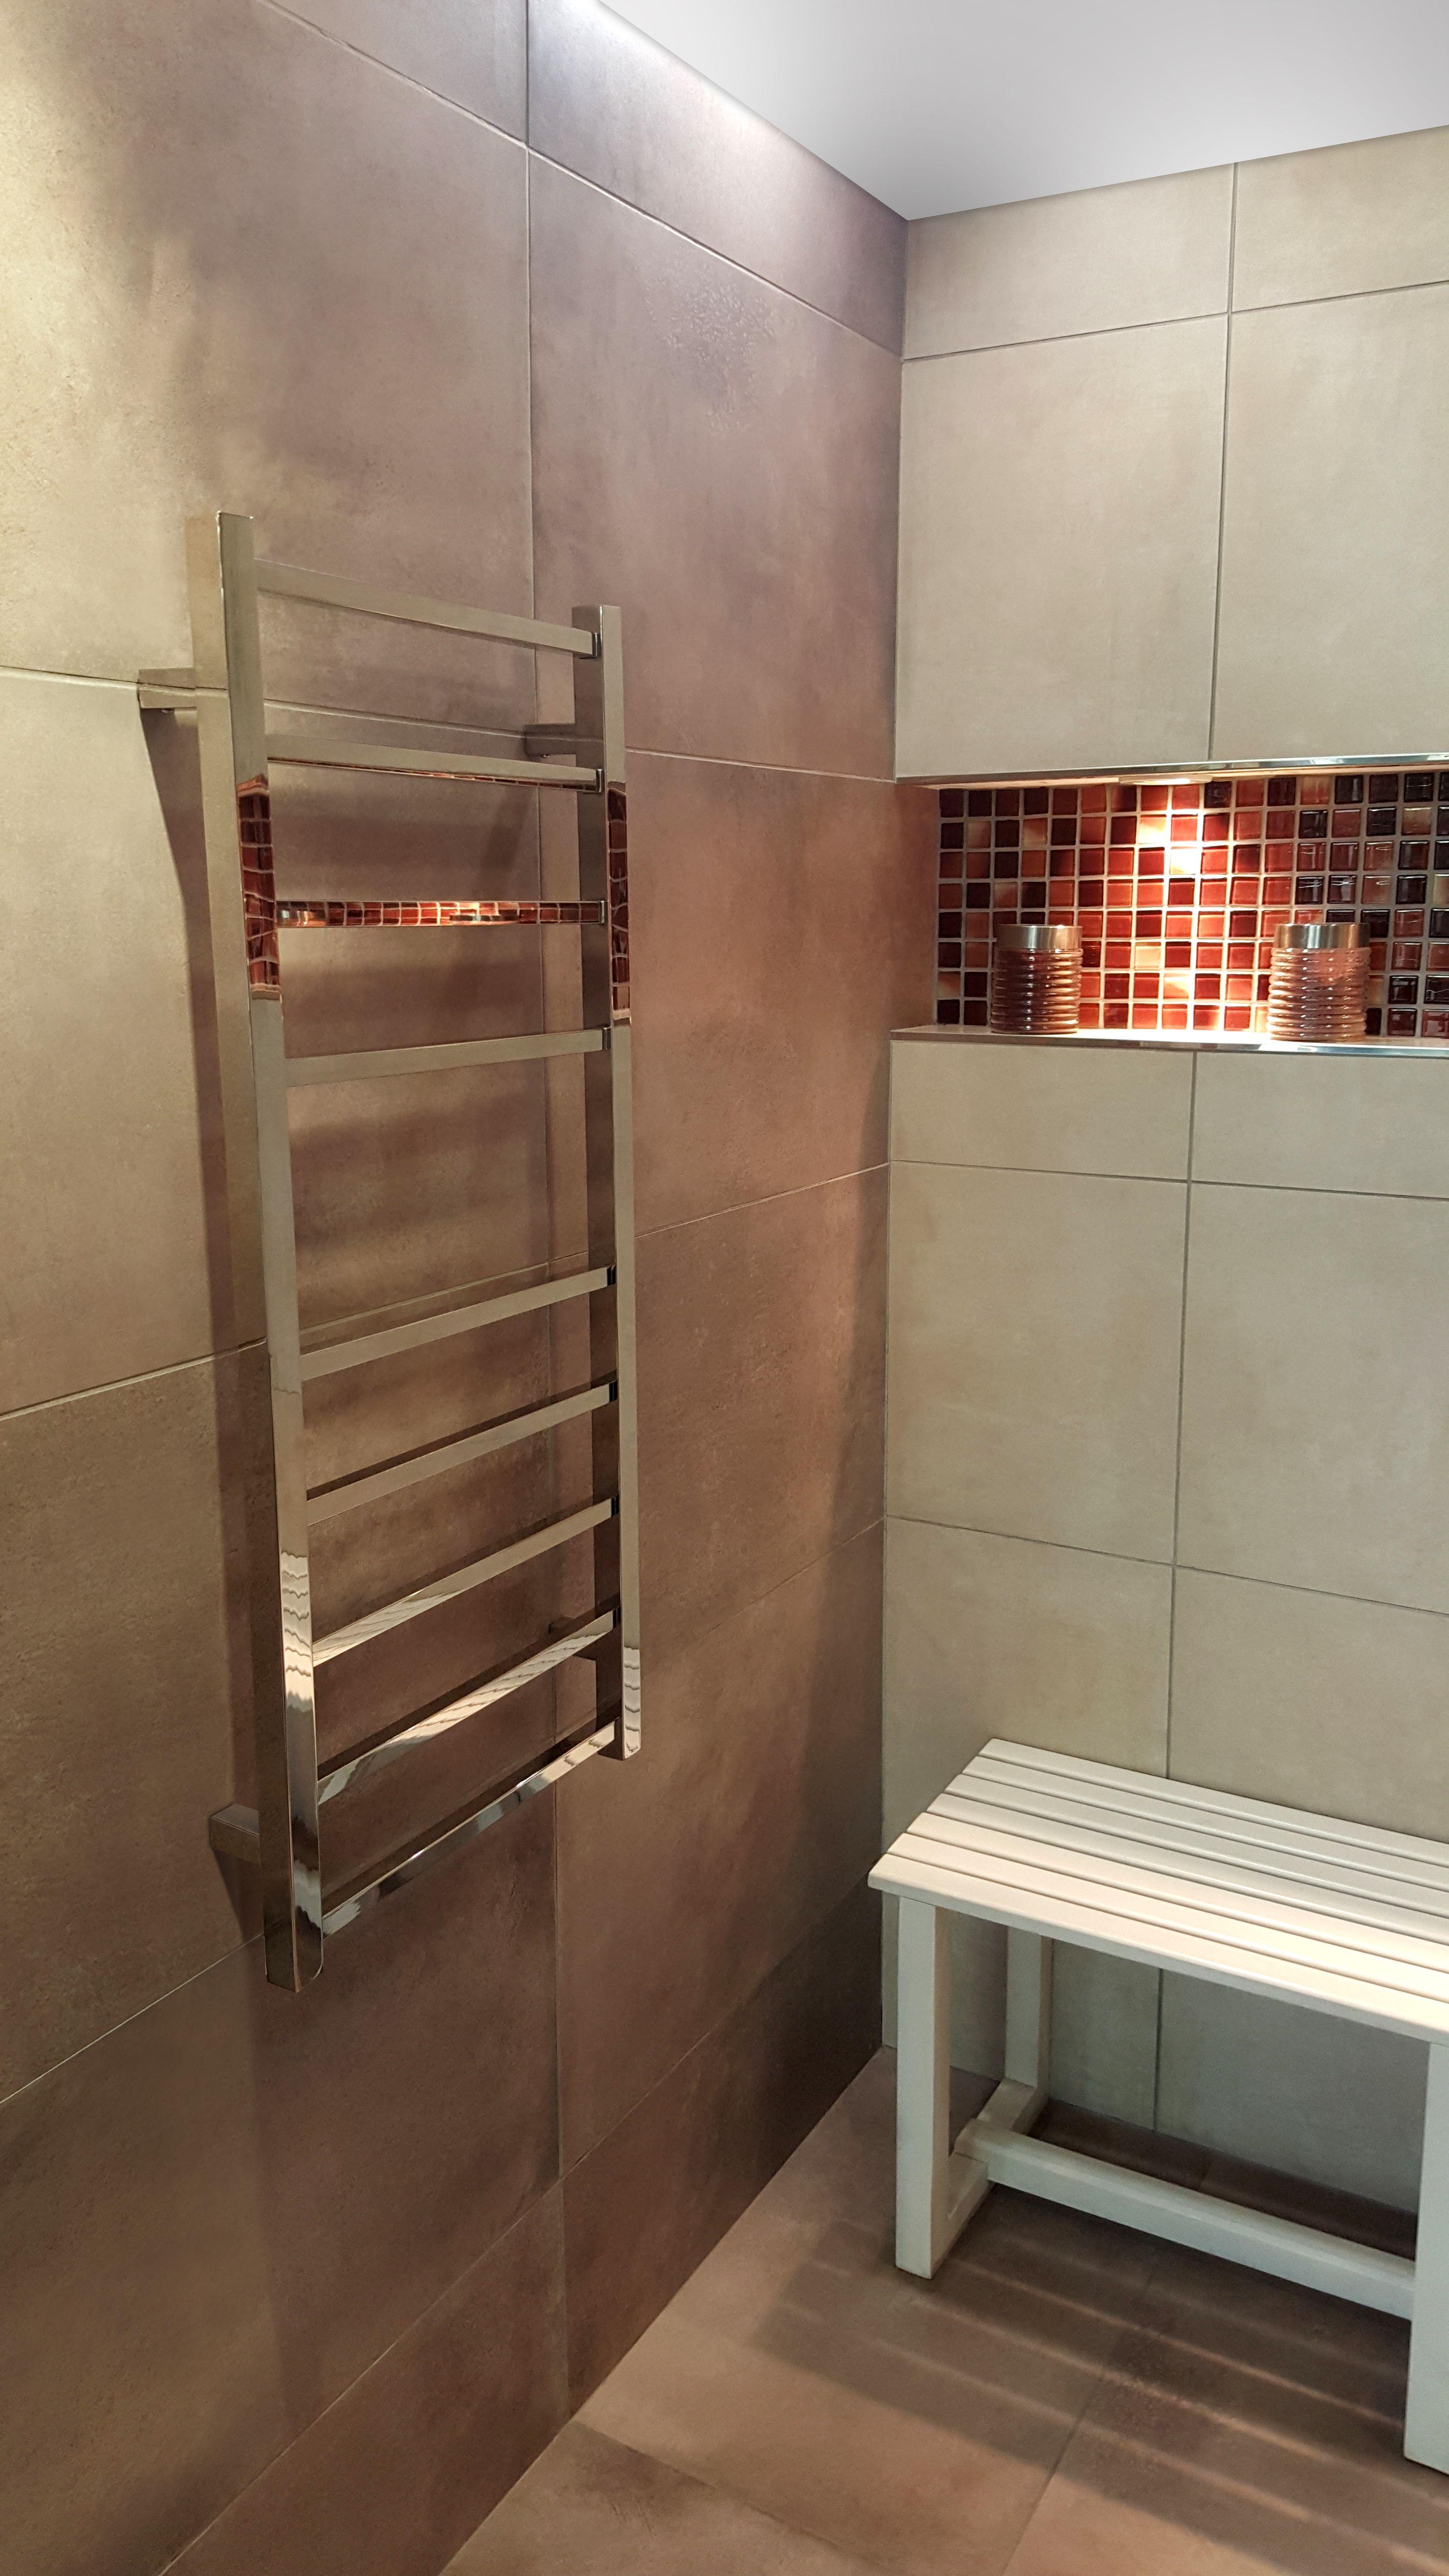 Toallero cubic dise ado en acero inoxidable confort que - Confort del bano ...